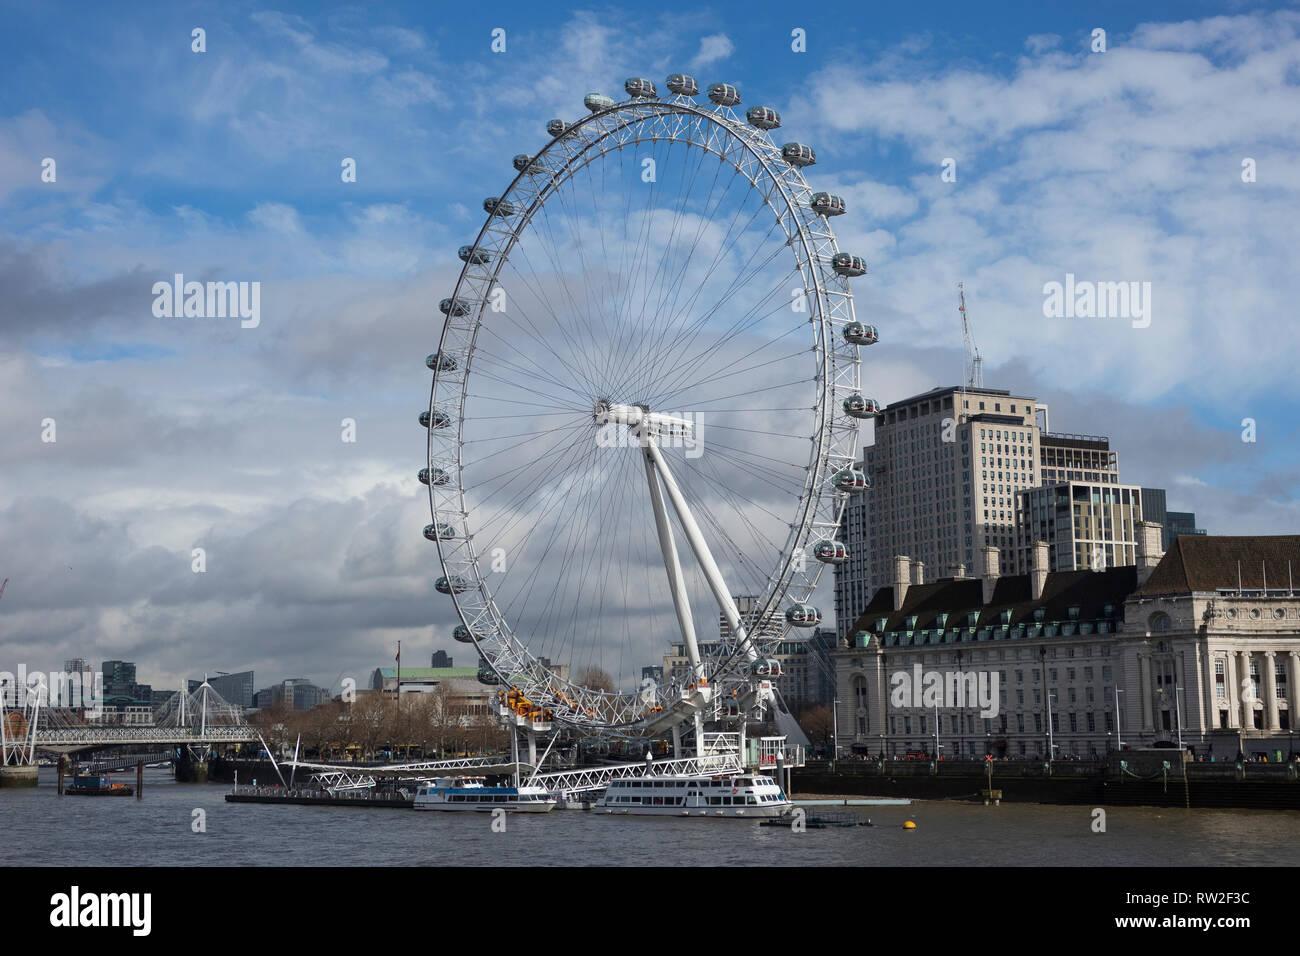 Londres, Angleterre - 28 Février 2019: London Eye ou roue du millénaire sur la rive sud de la Tamise à Londres, Angleterre, RU Photo Stock